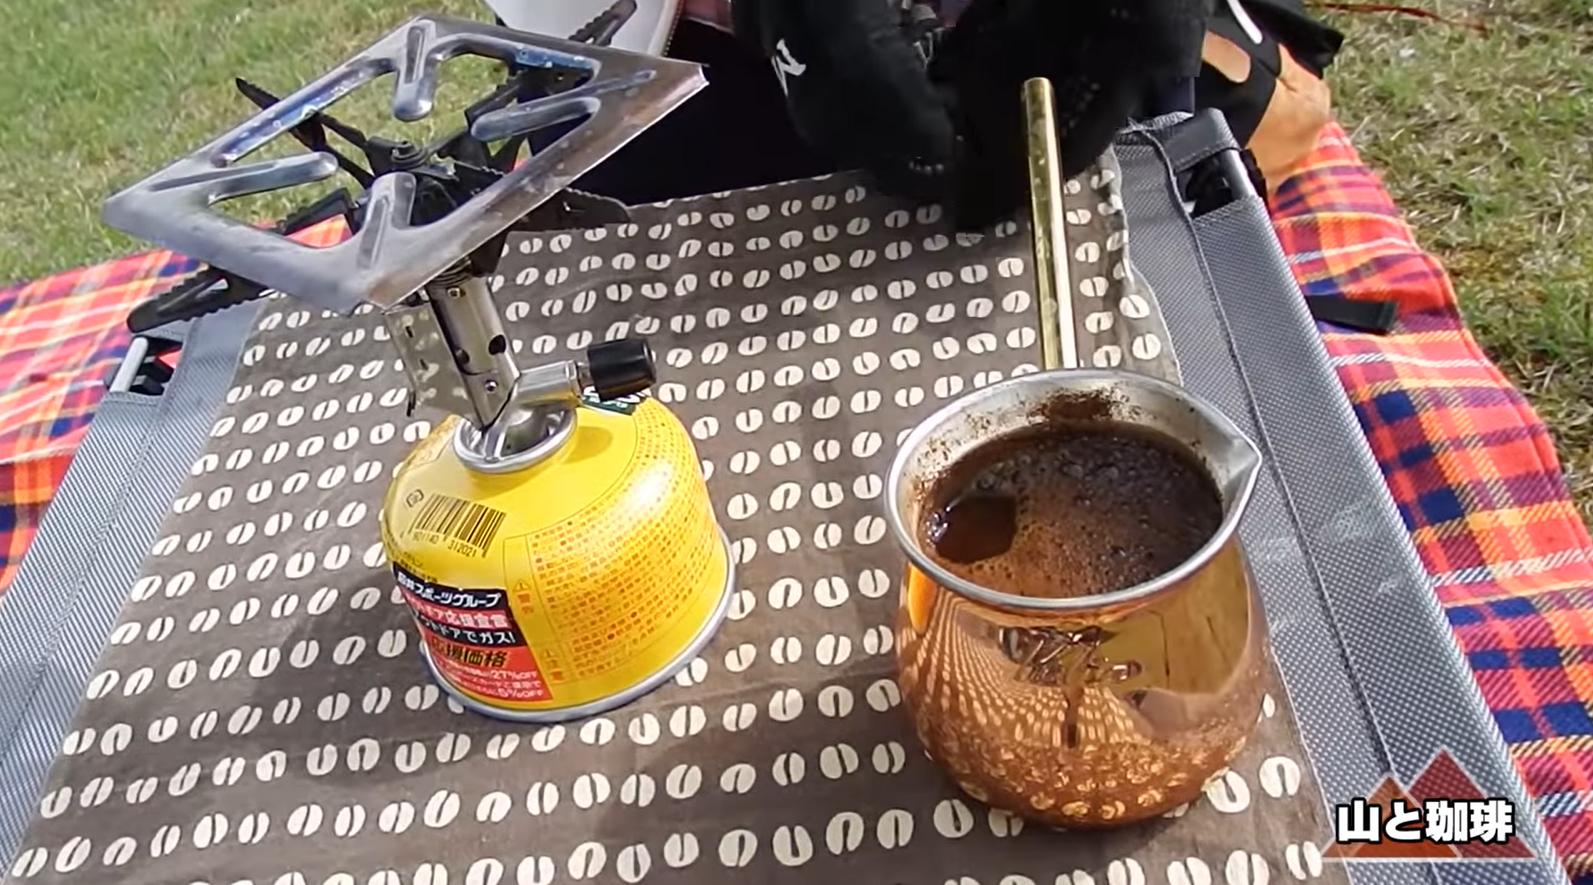 トルココーヒーの淹れ方・占い方と鑑定早見表【A4一枚印刷用PDF付き】